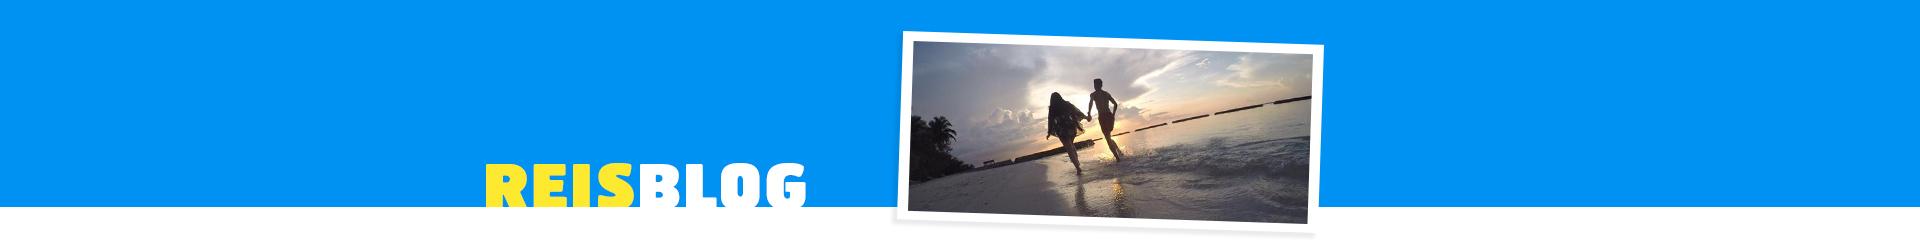 Reisverslag Malediven – Dream Holiday Tester